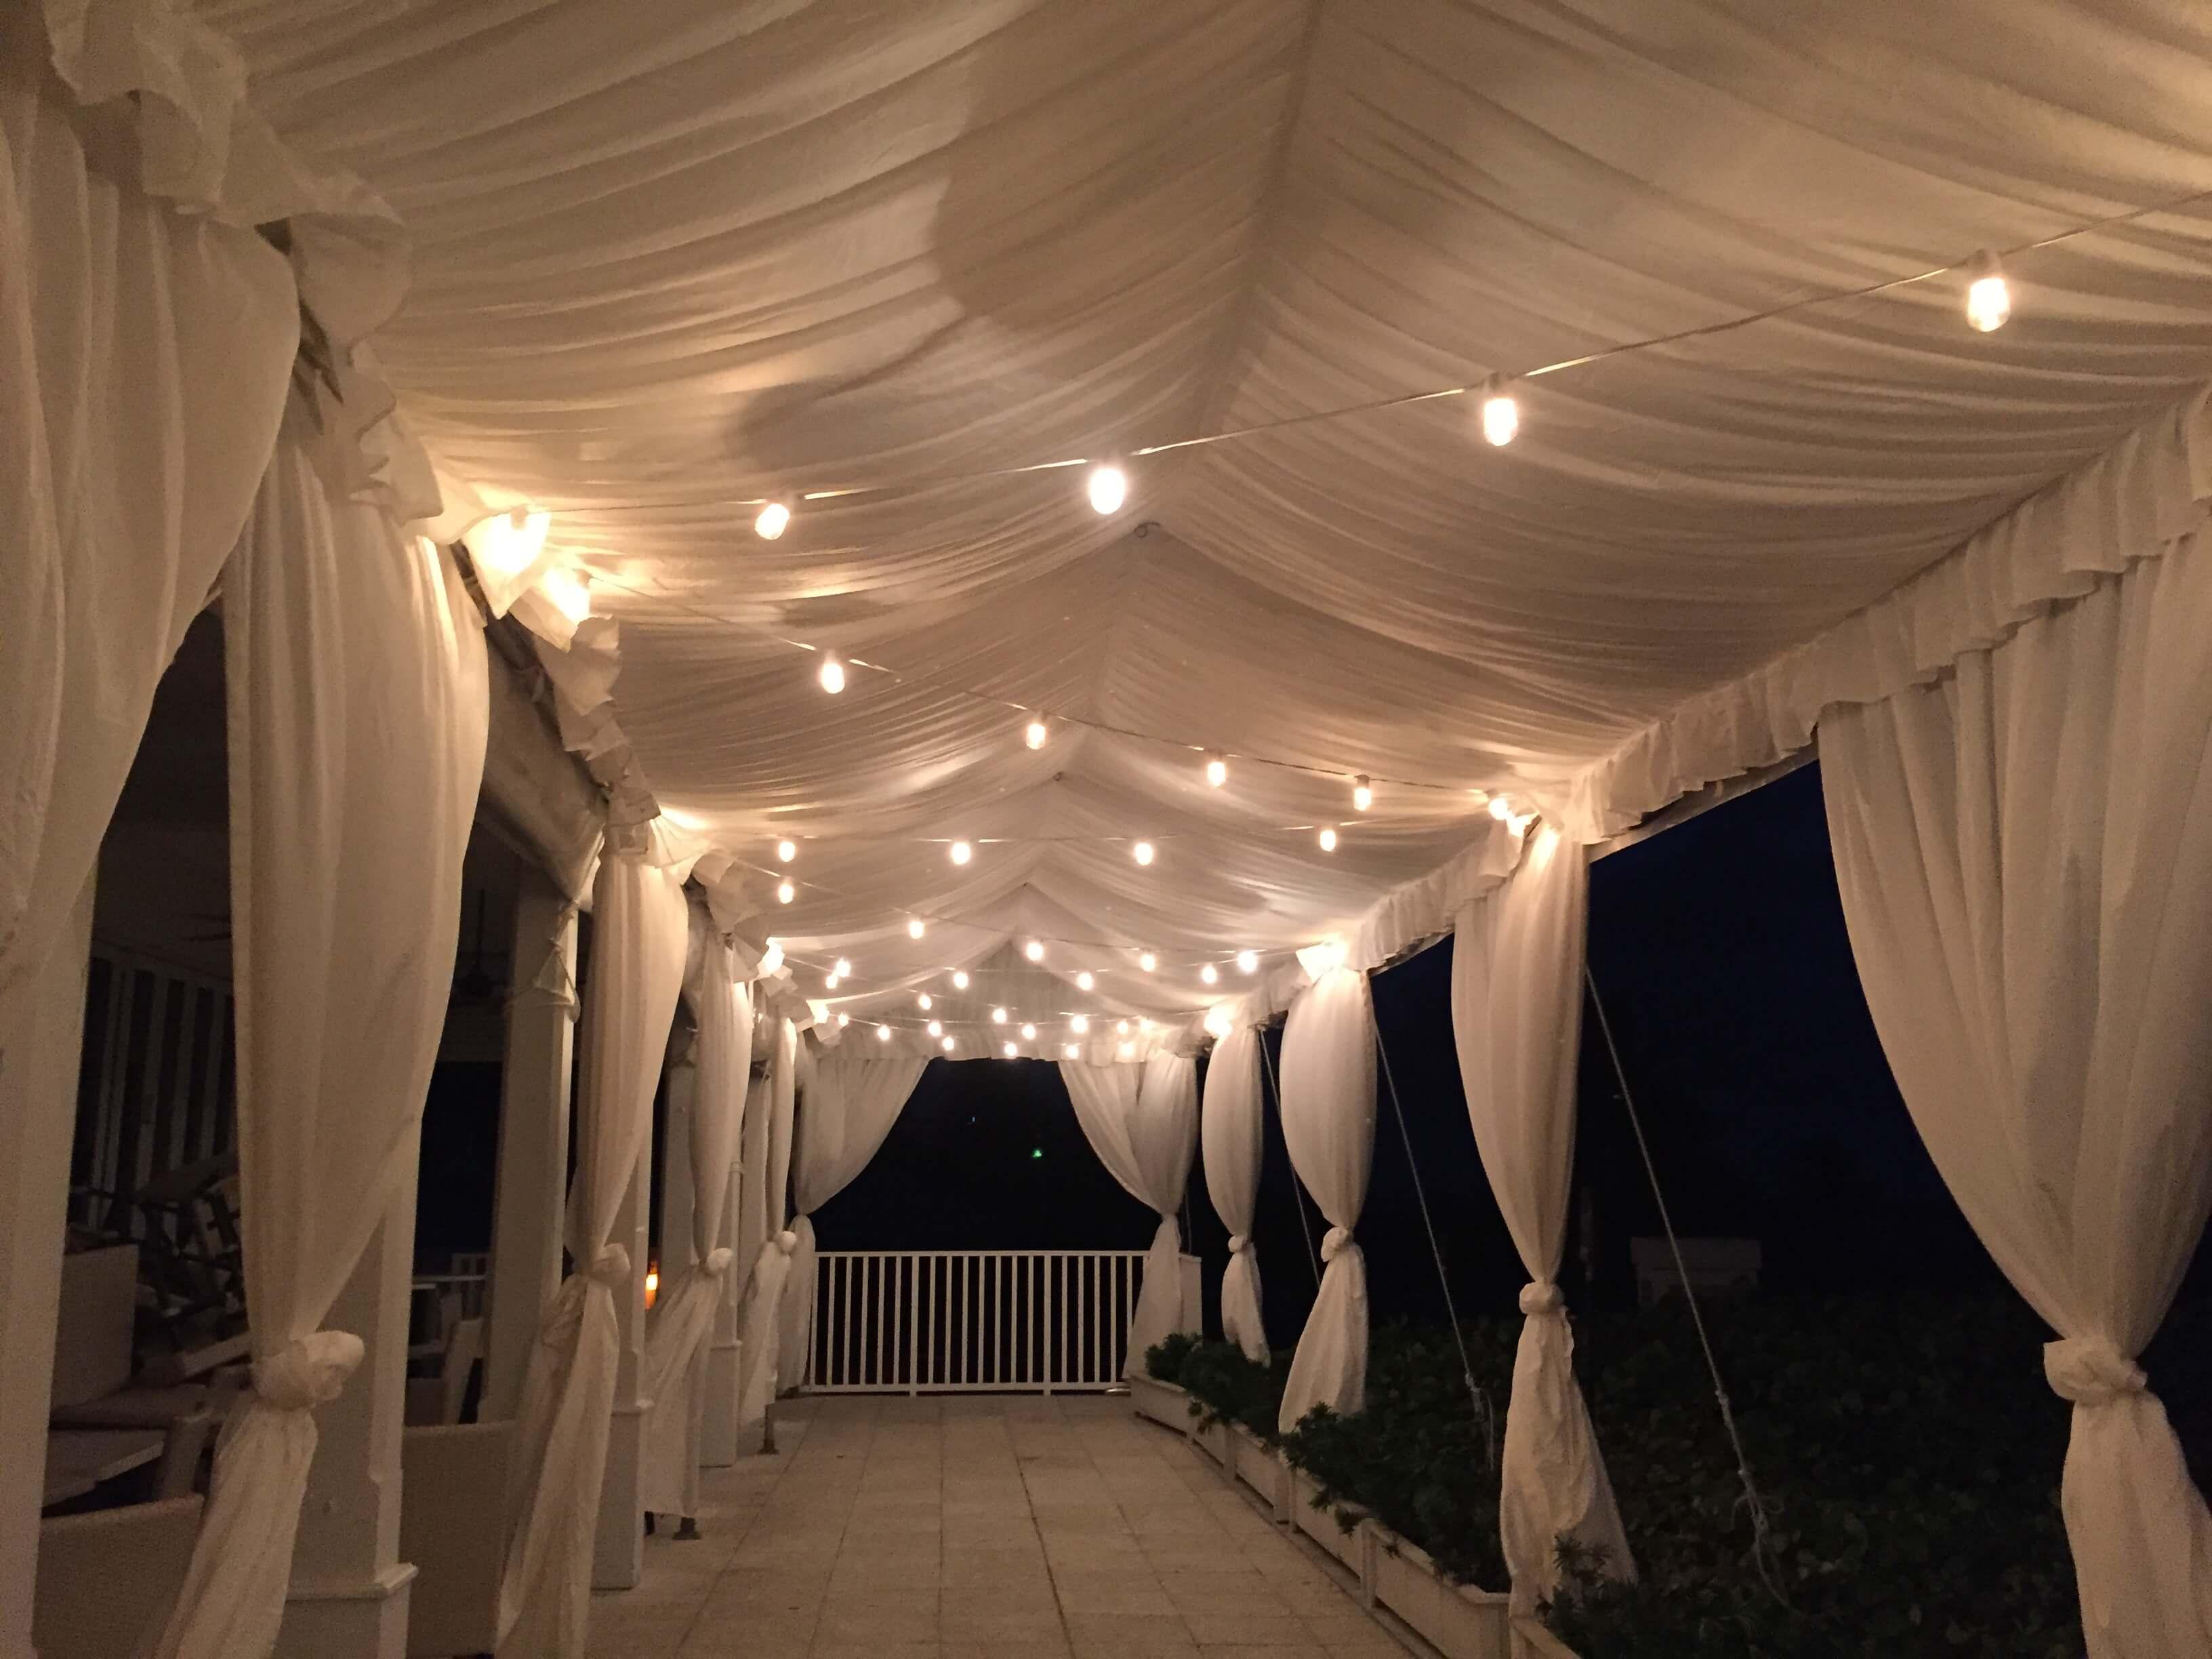 Party Tent Rentals Event Tents Grimes Events And Tents